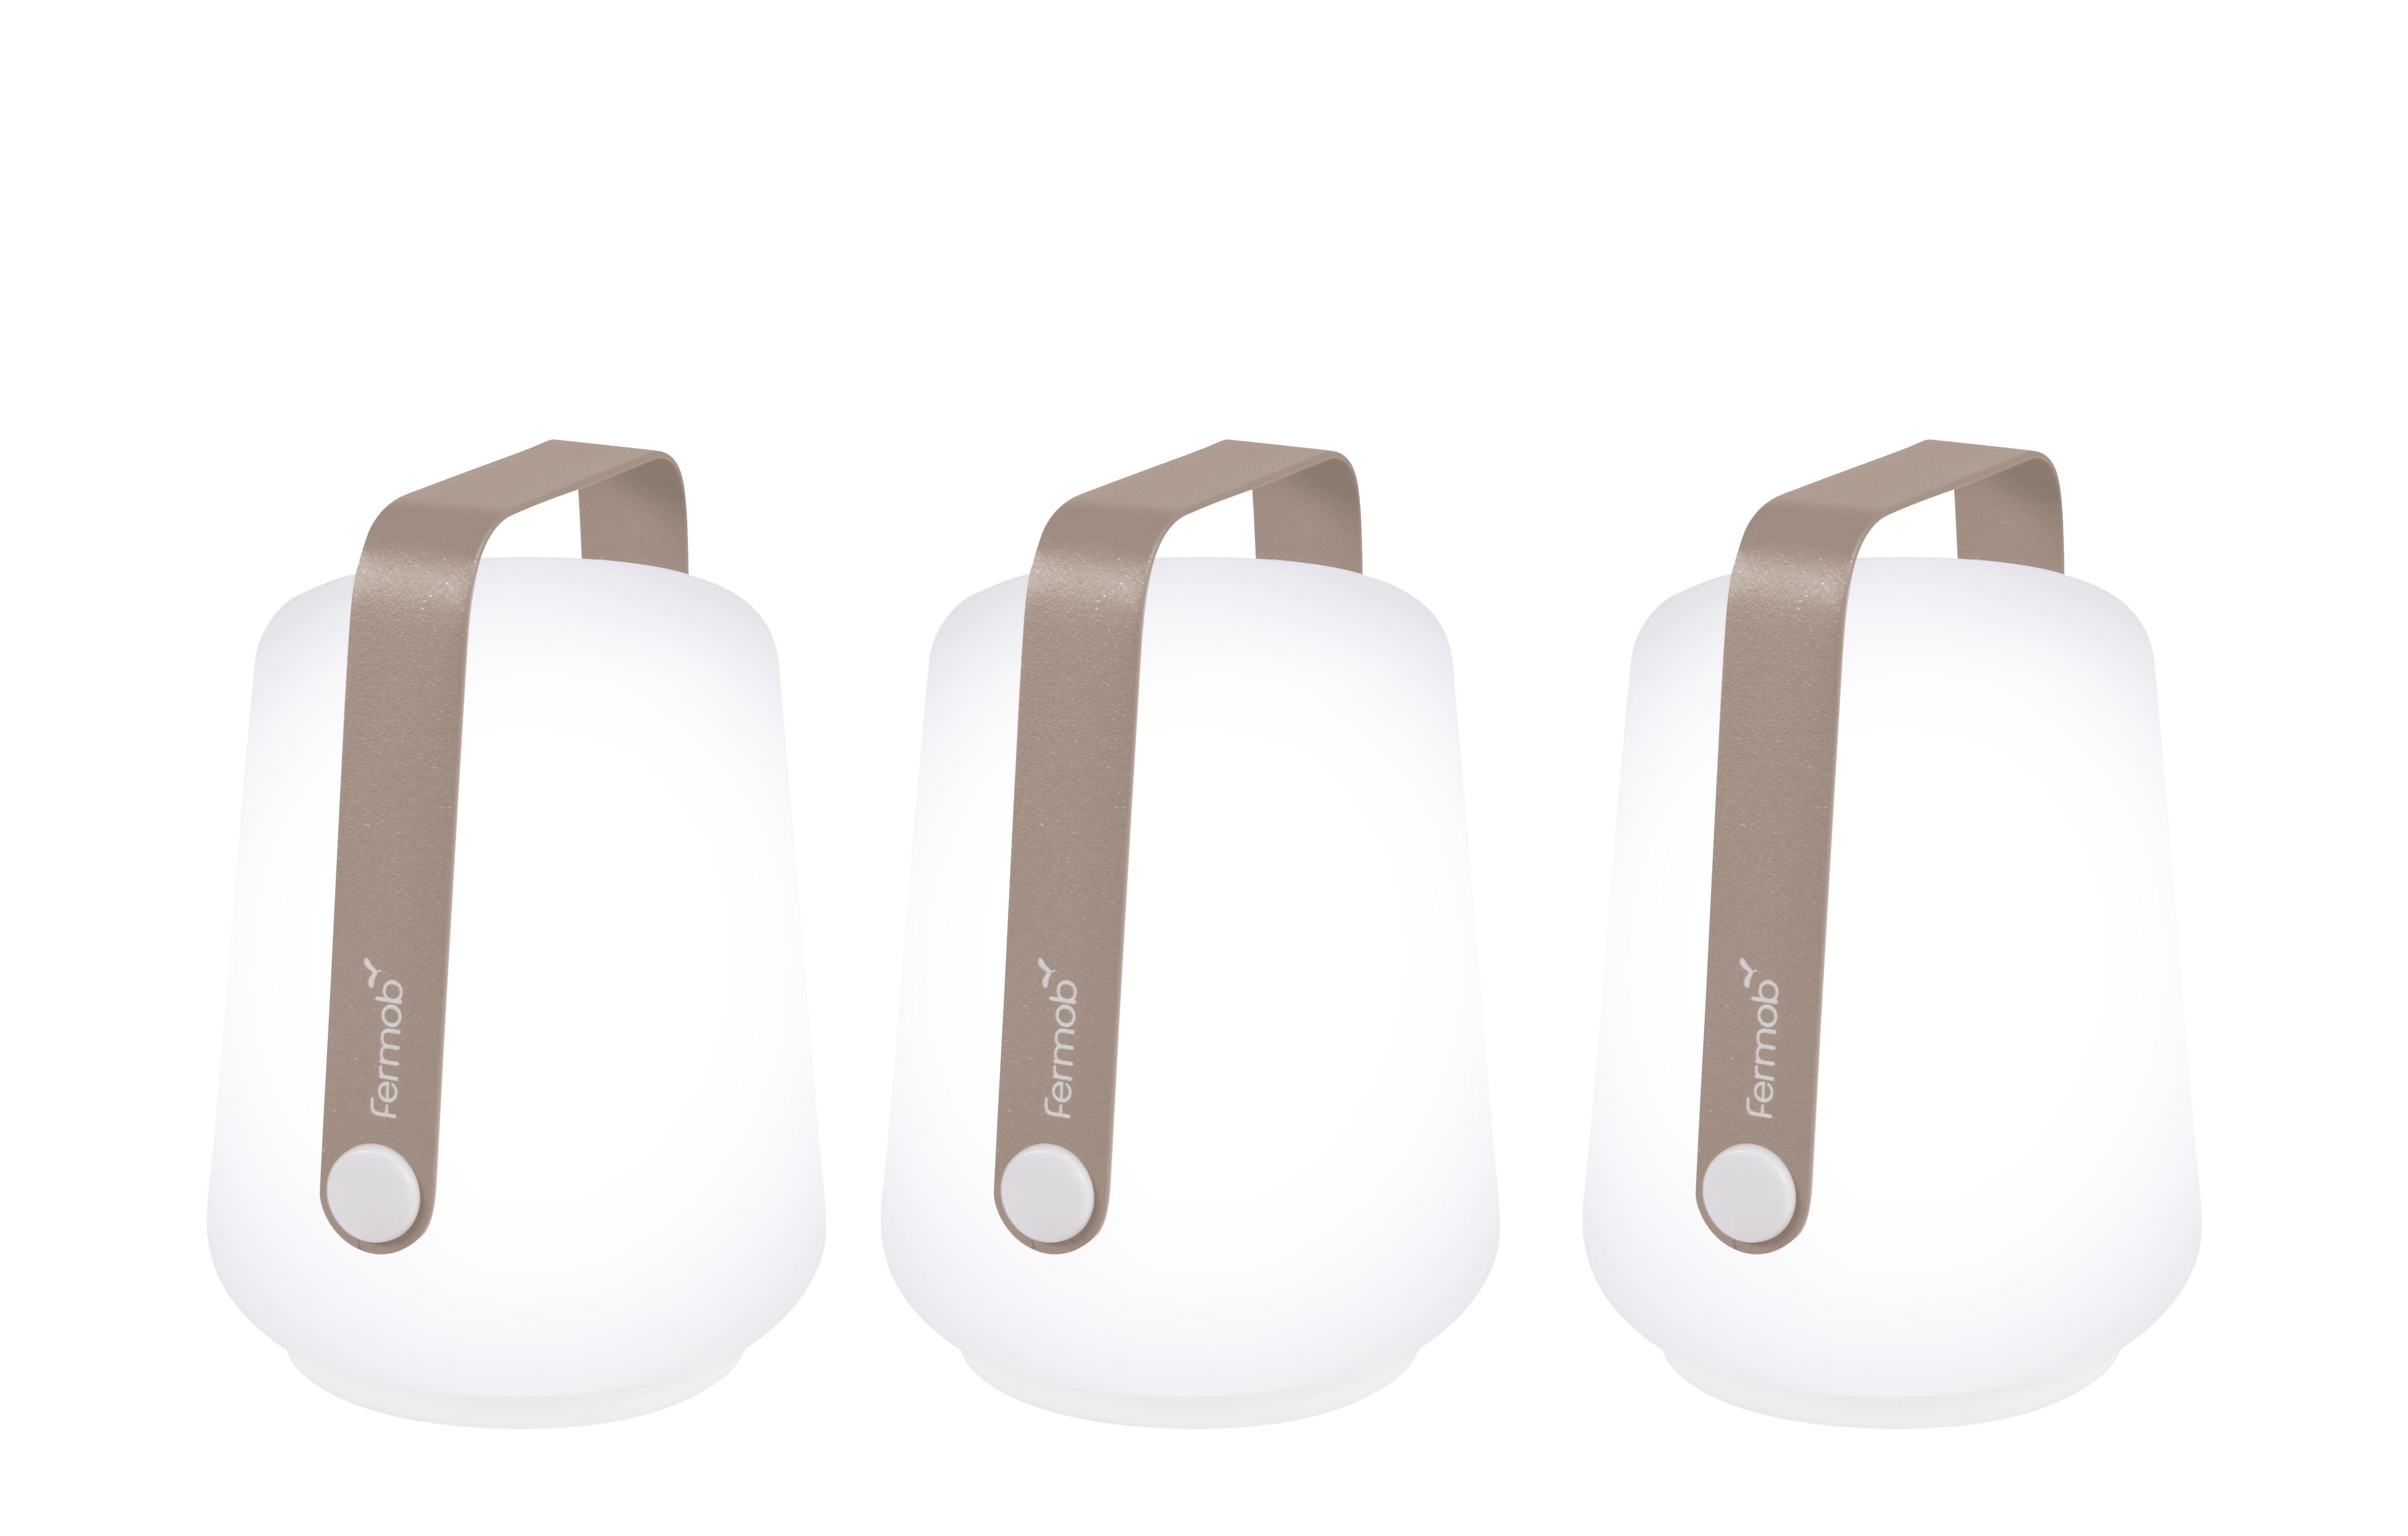 Luminaire - Lampes de table - Lampe sans fil Balad / H 13,5 cm - Set de 3 lampes - Fermob - Muscade - Aluminium, Polyéthylène